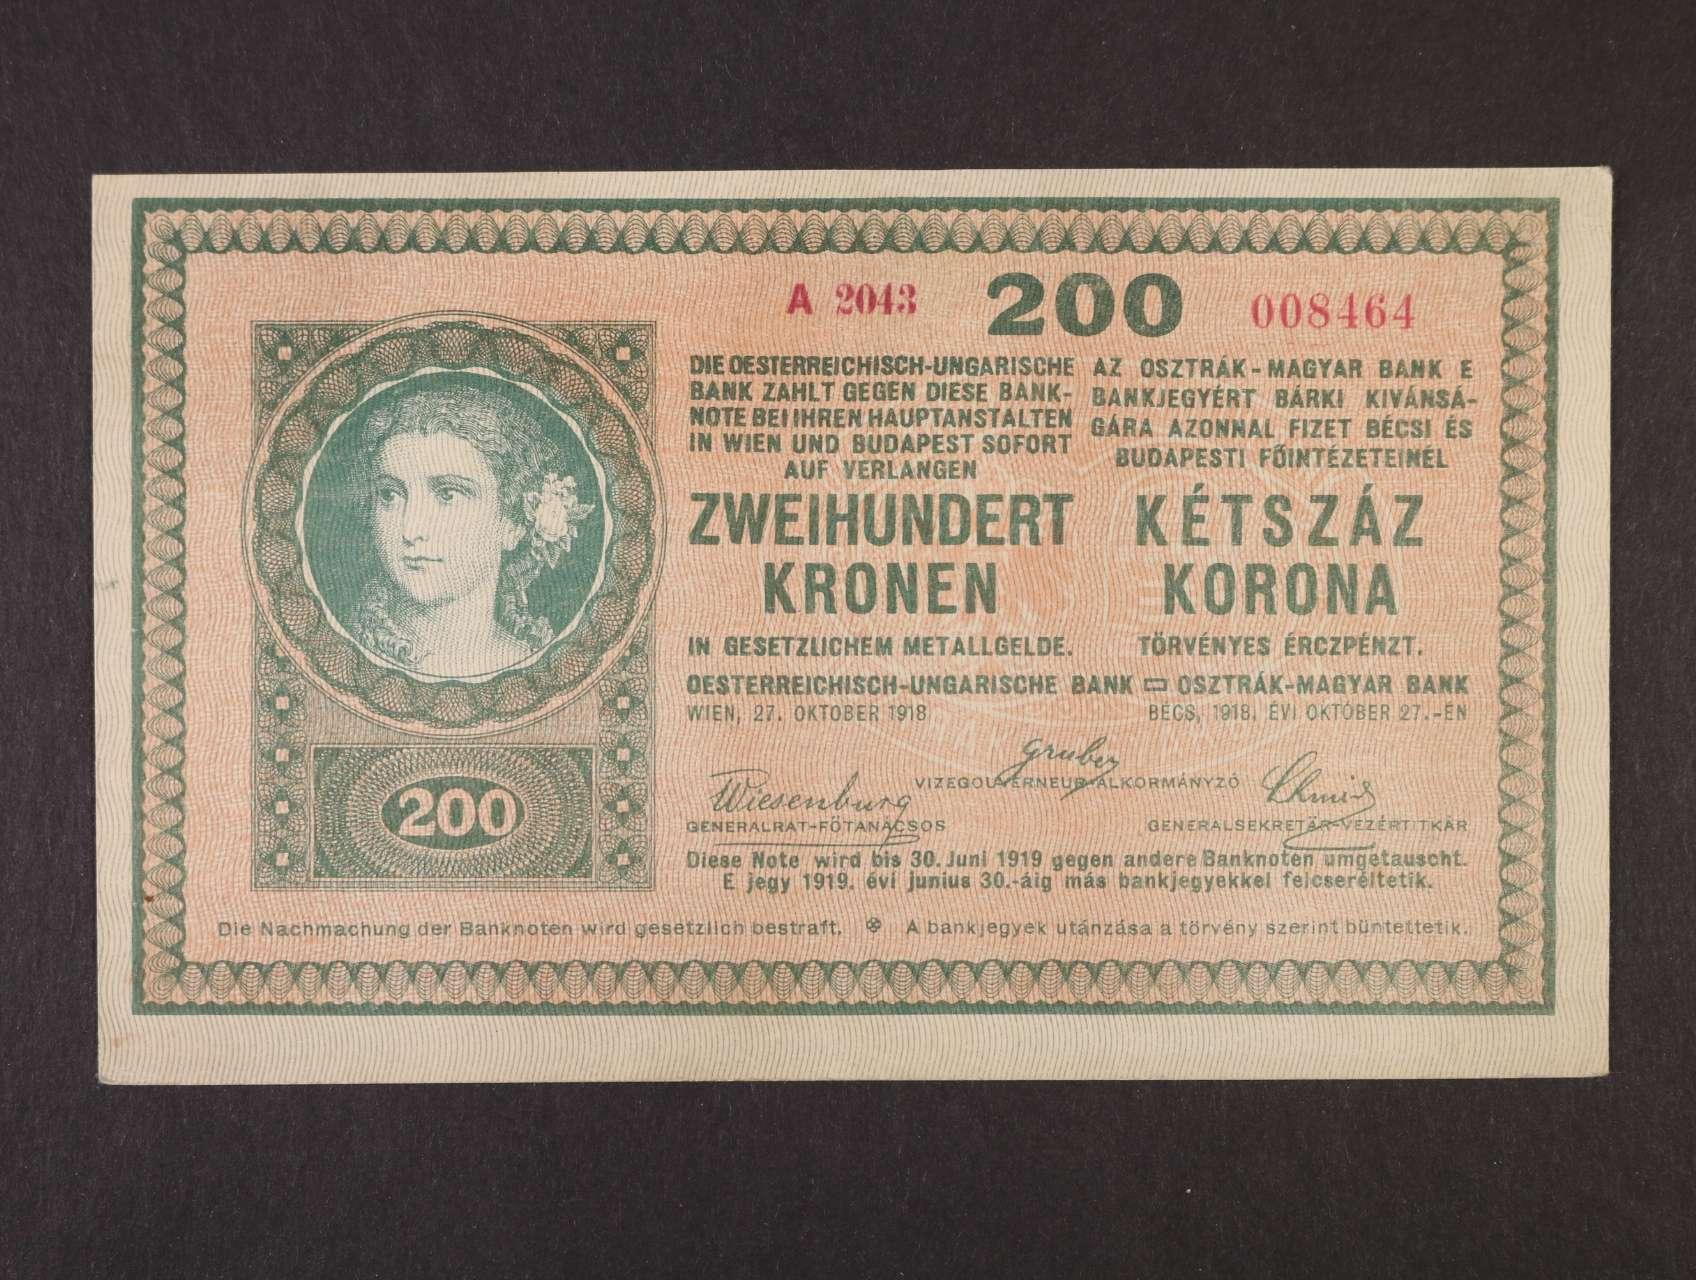 200 K 27.10.1918 série A 2043 s podtiskem na R, Ri. 449b, Pi. 16